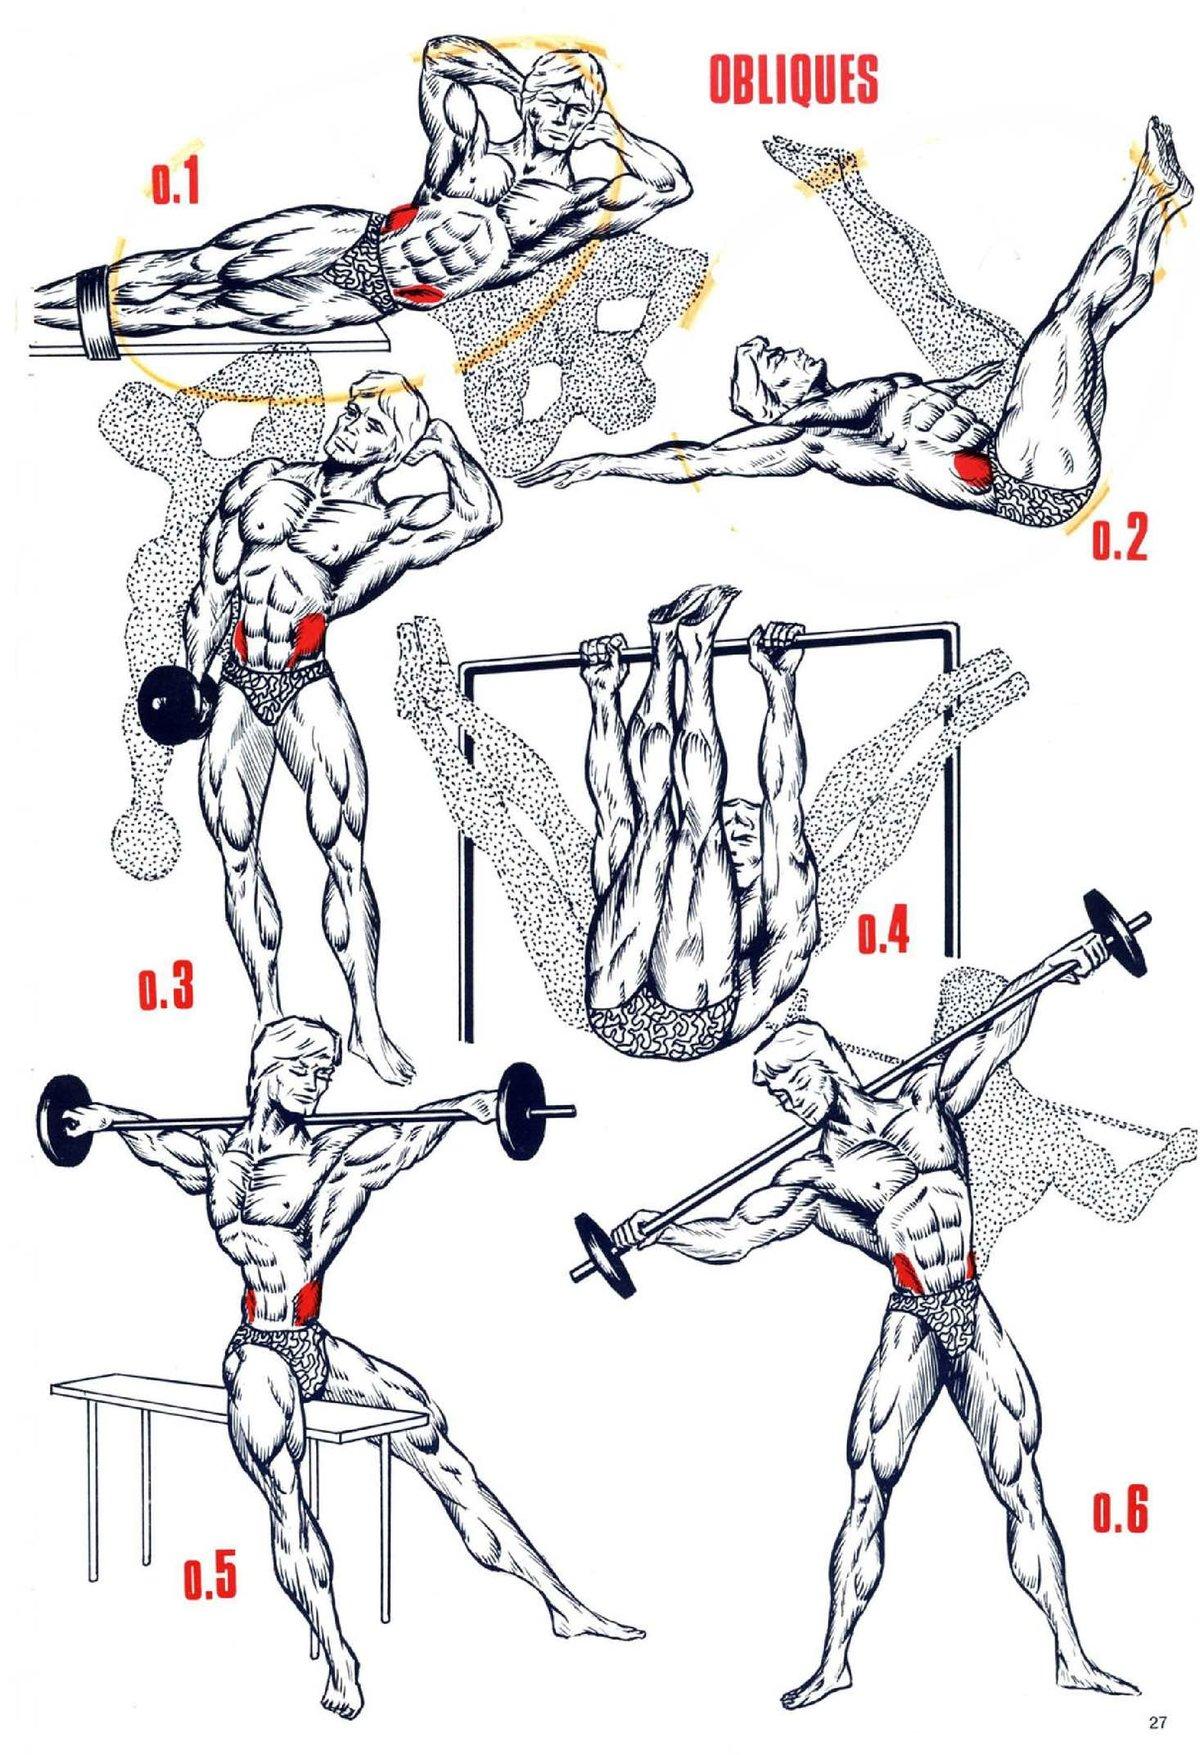 бывшая столица полные курсы прокачки мышц в картинках легко выполните обрезку